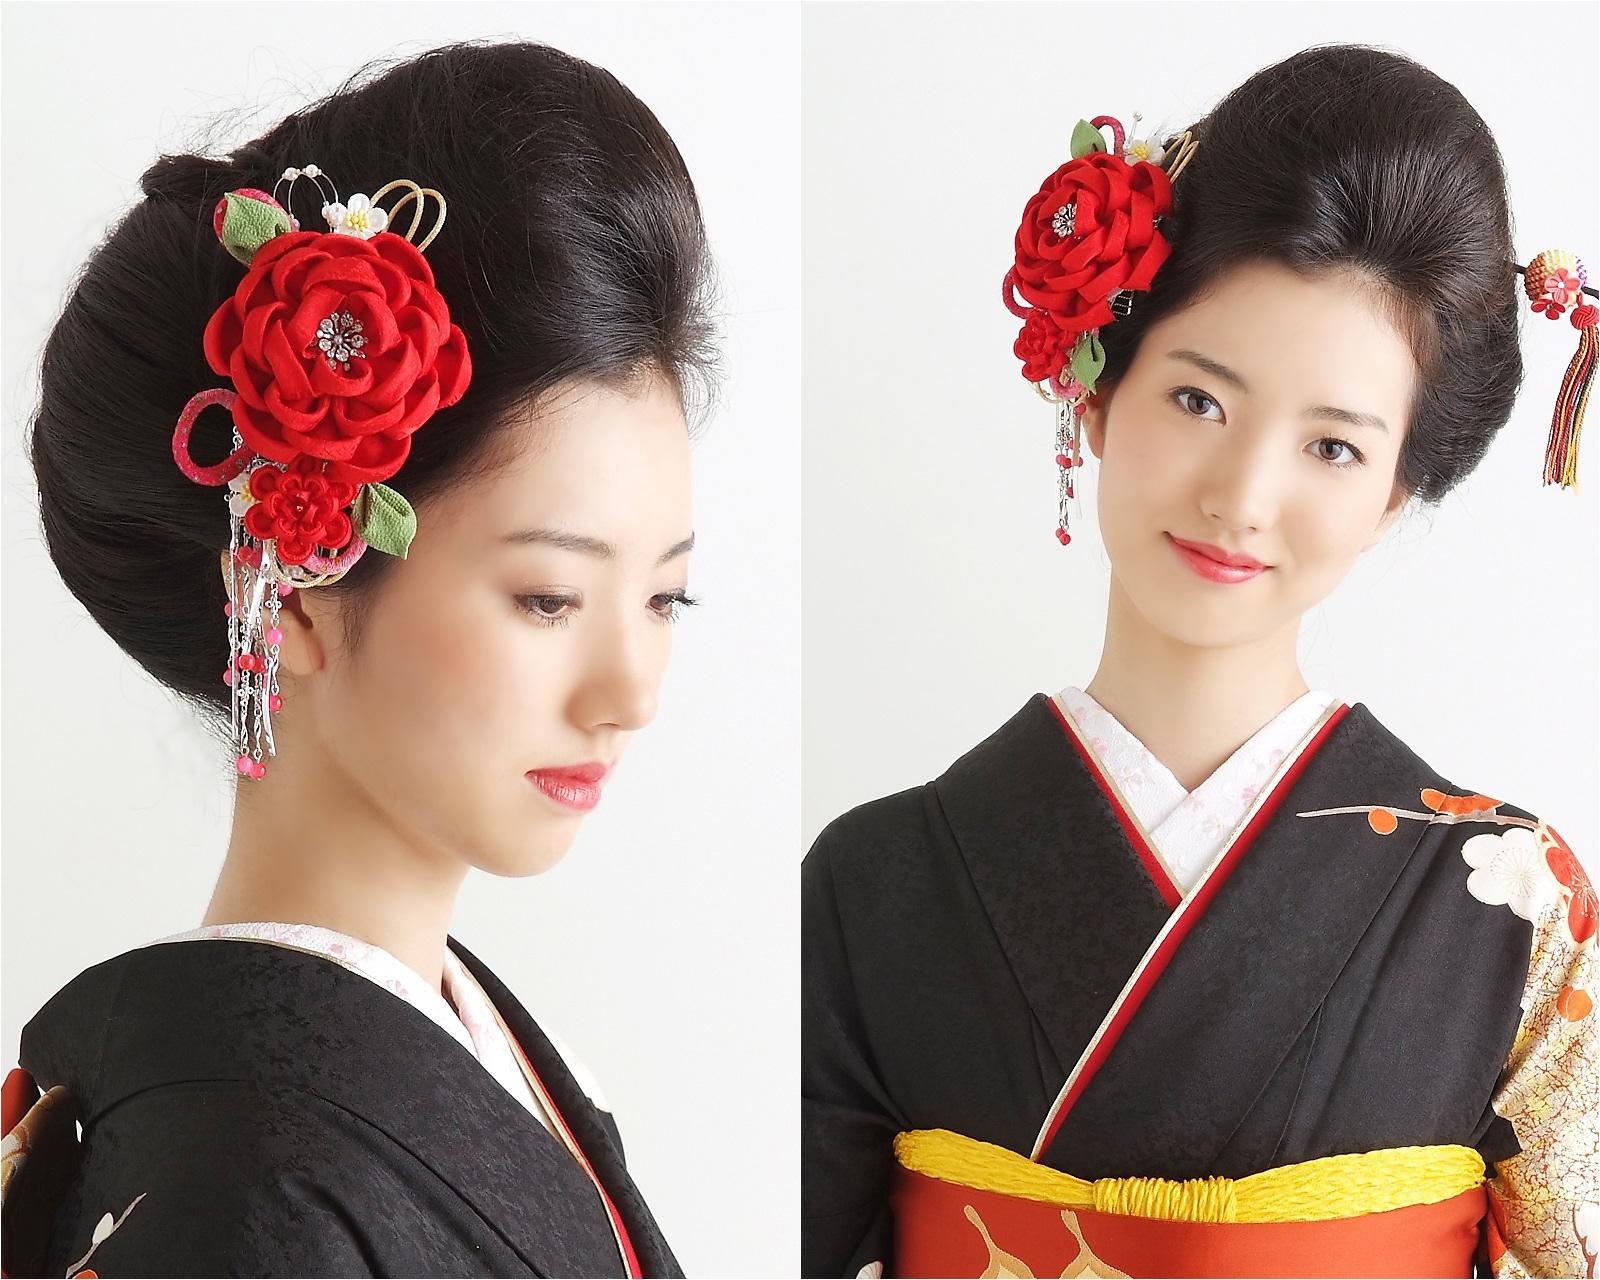 成人式の振袖ヘアに大正モダンなしっとり日本髪